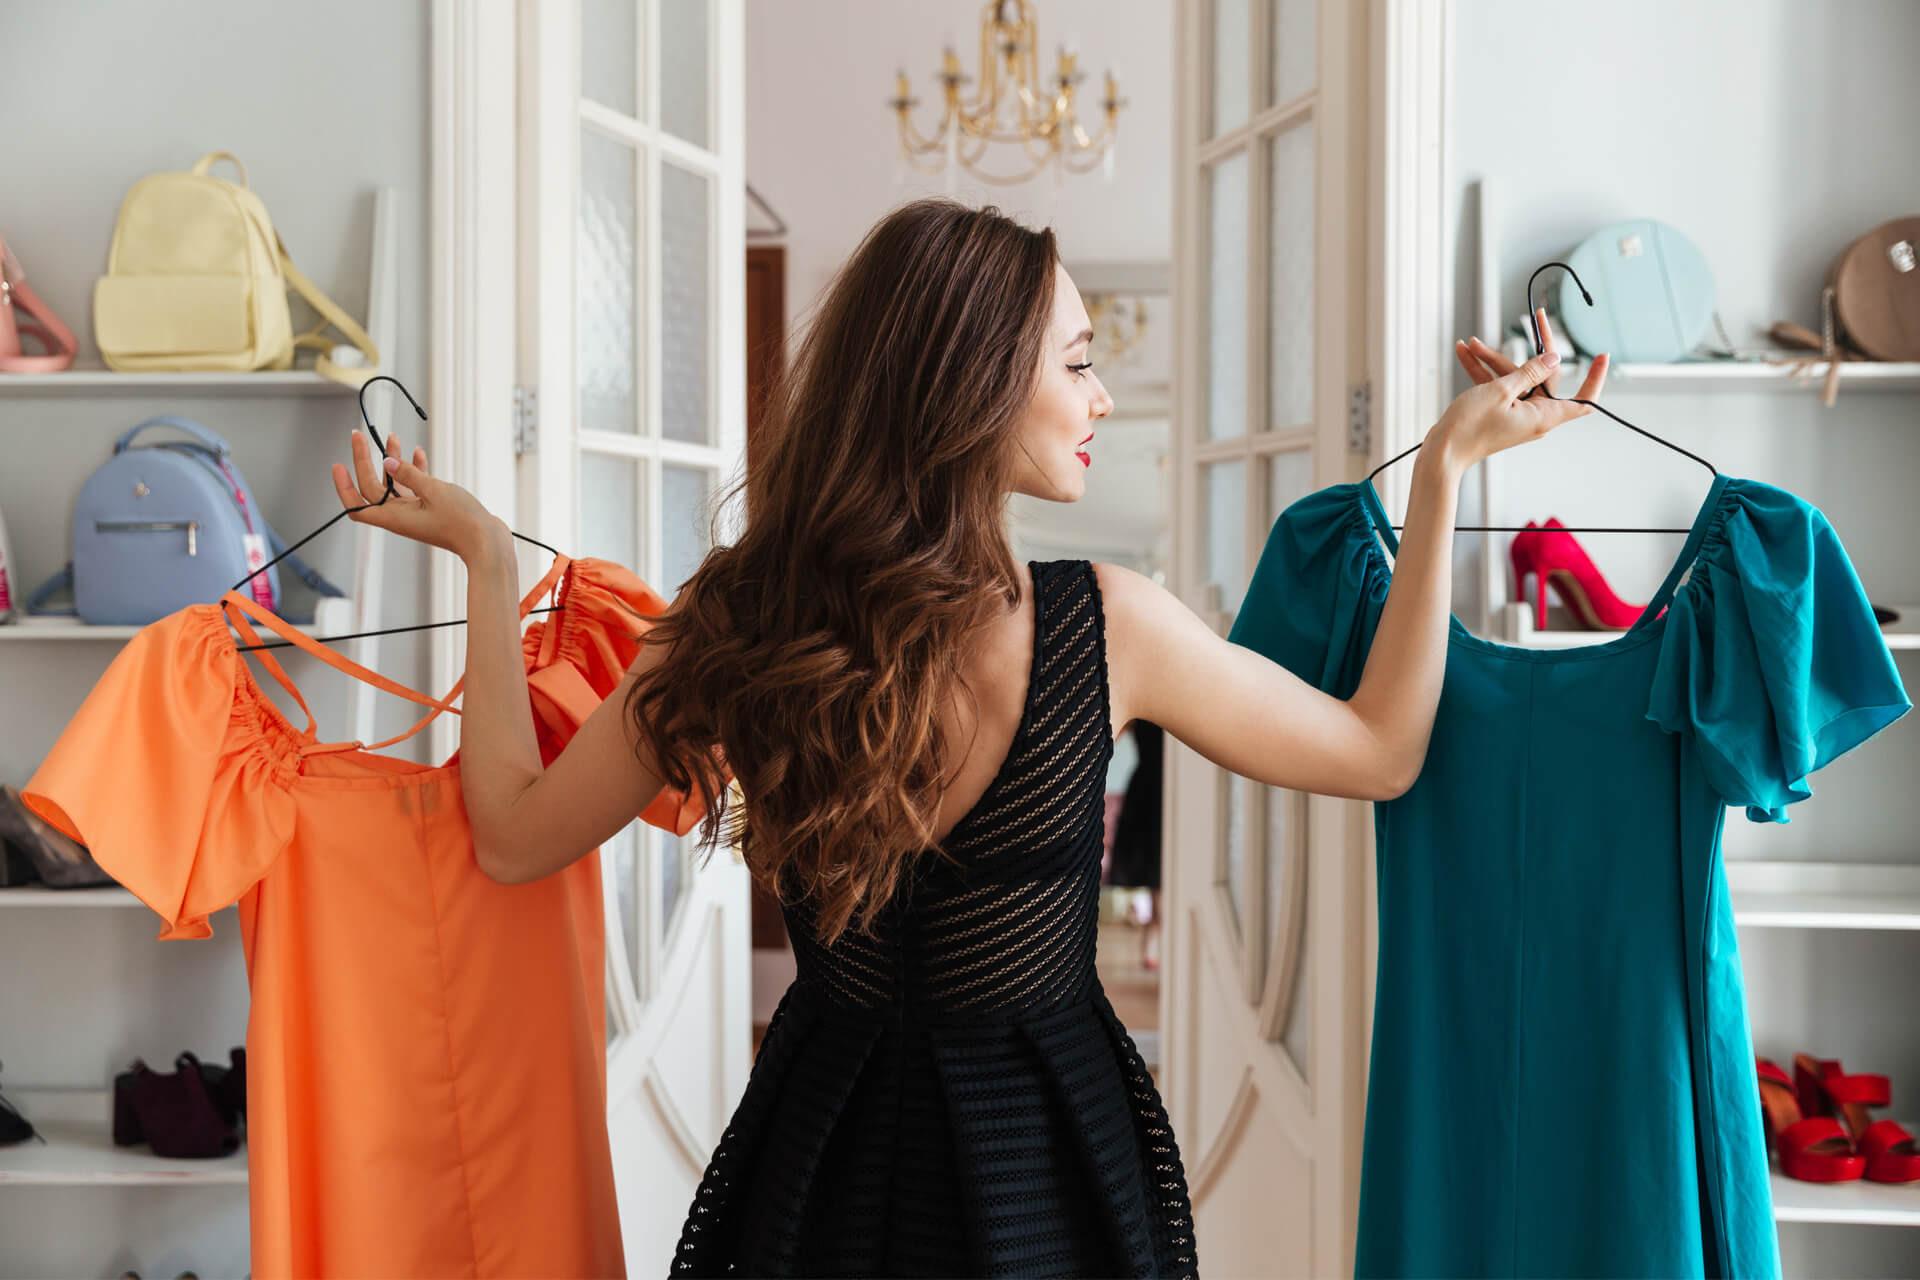 10 Spektakulär Kleid Für Einen Abend Mieten Vertrieb13 Coolste Kleid Für Einen Abend Mieten Stylish